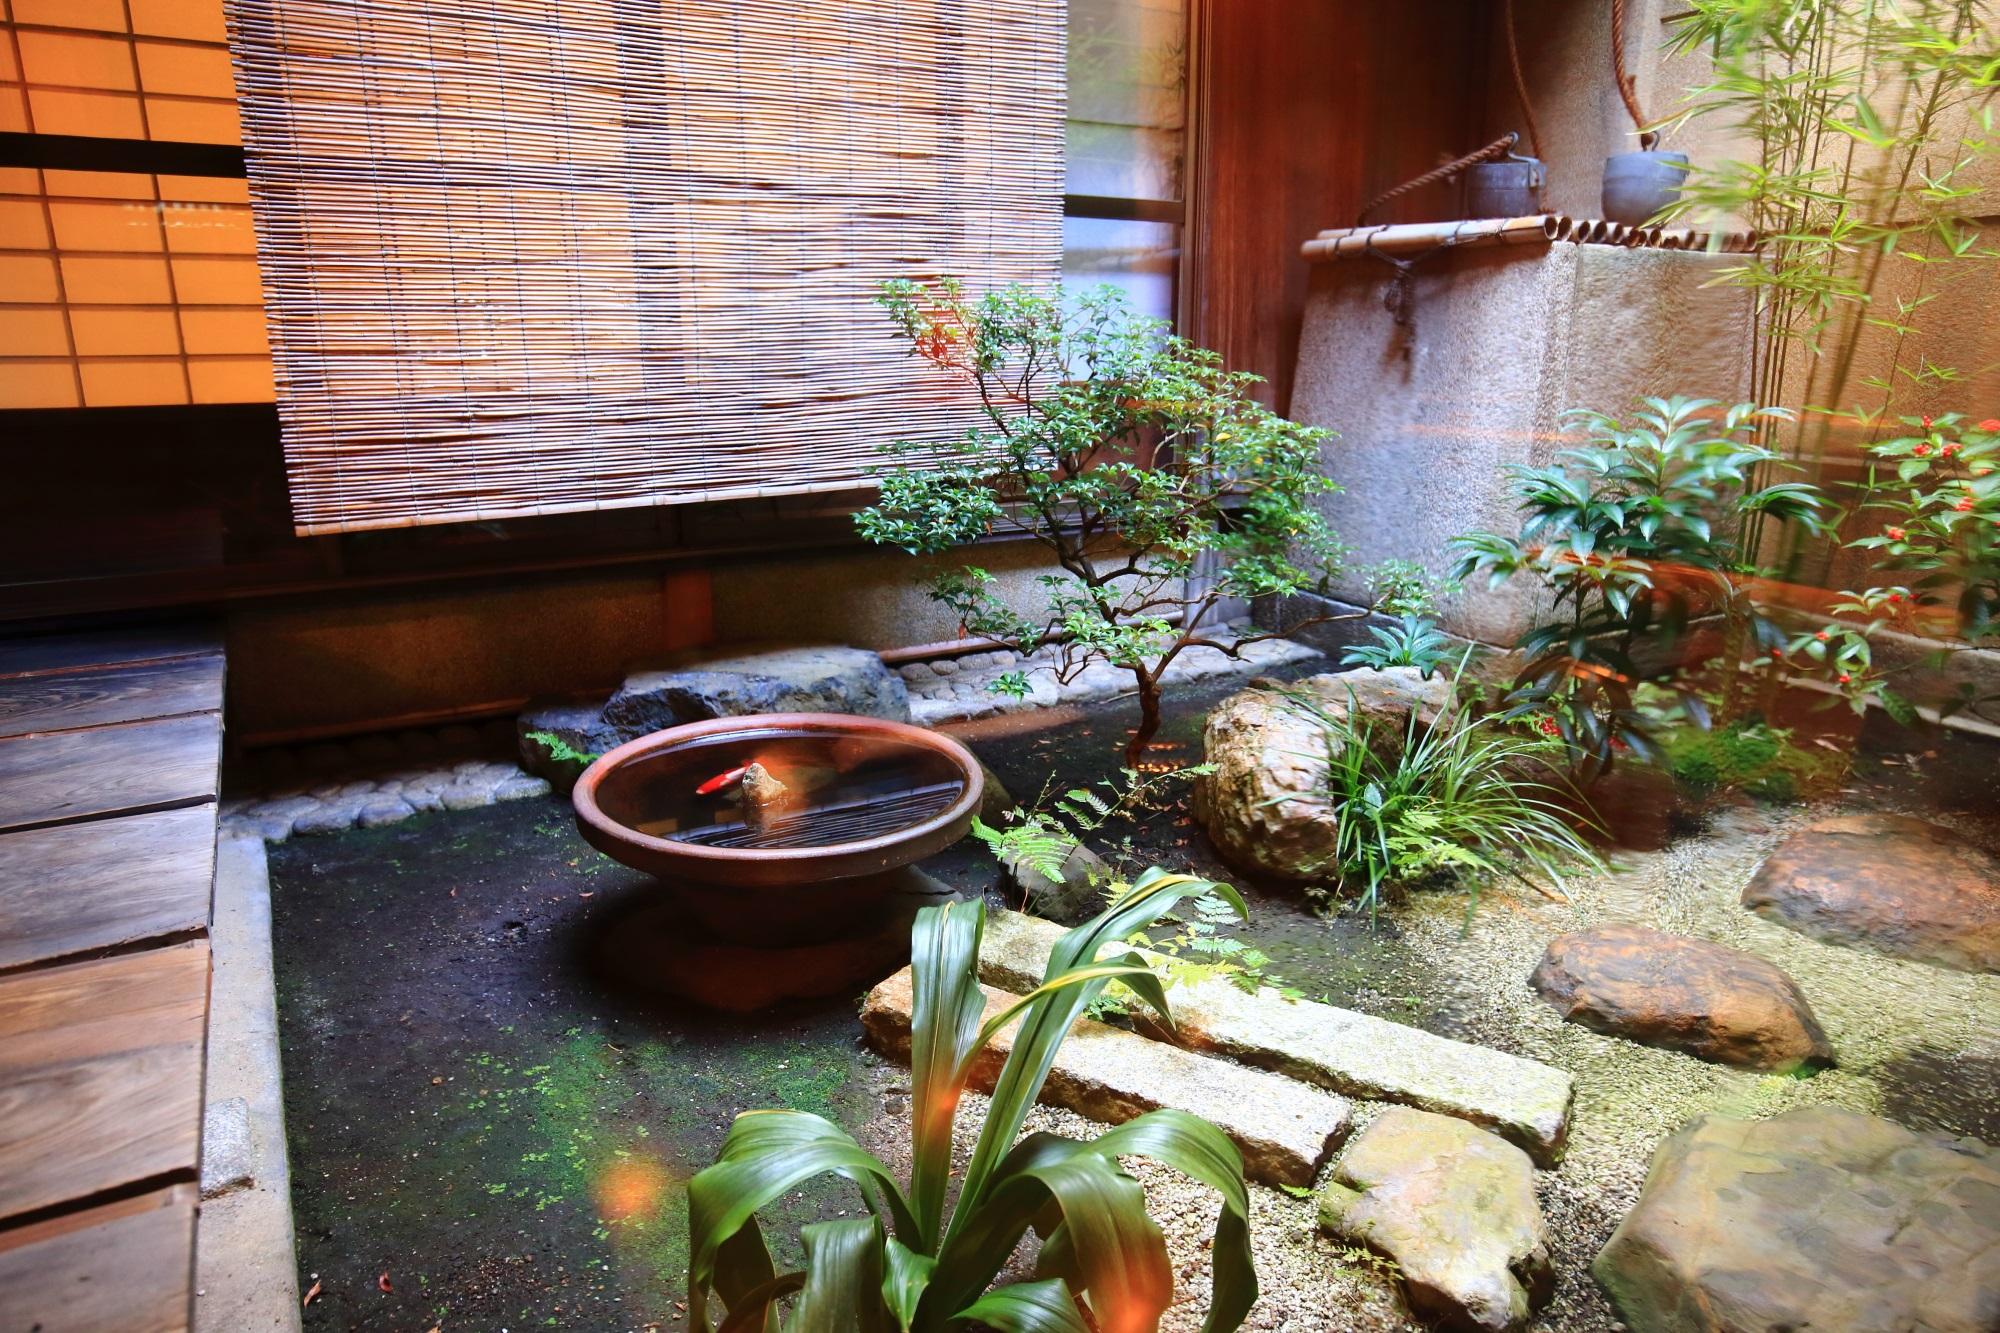 甘味処栖園(せいえん)の中庭